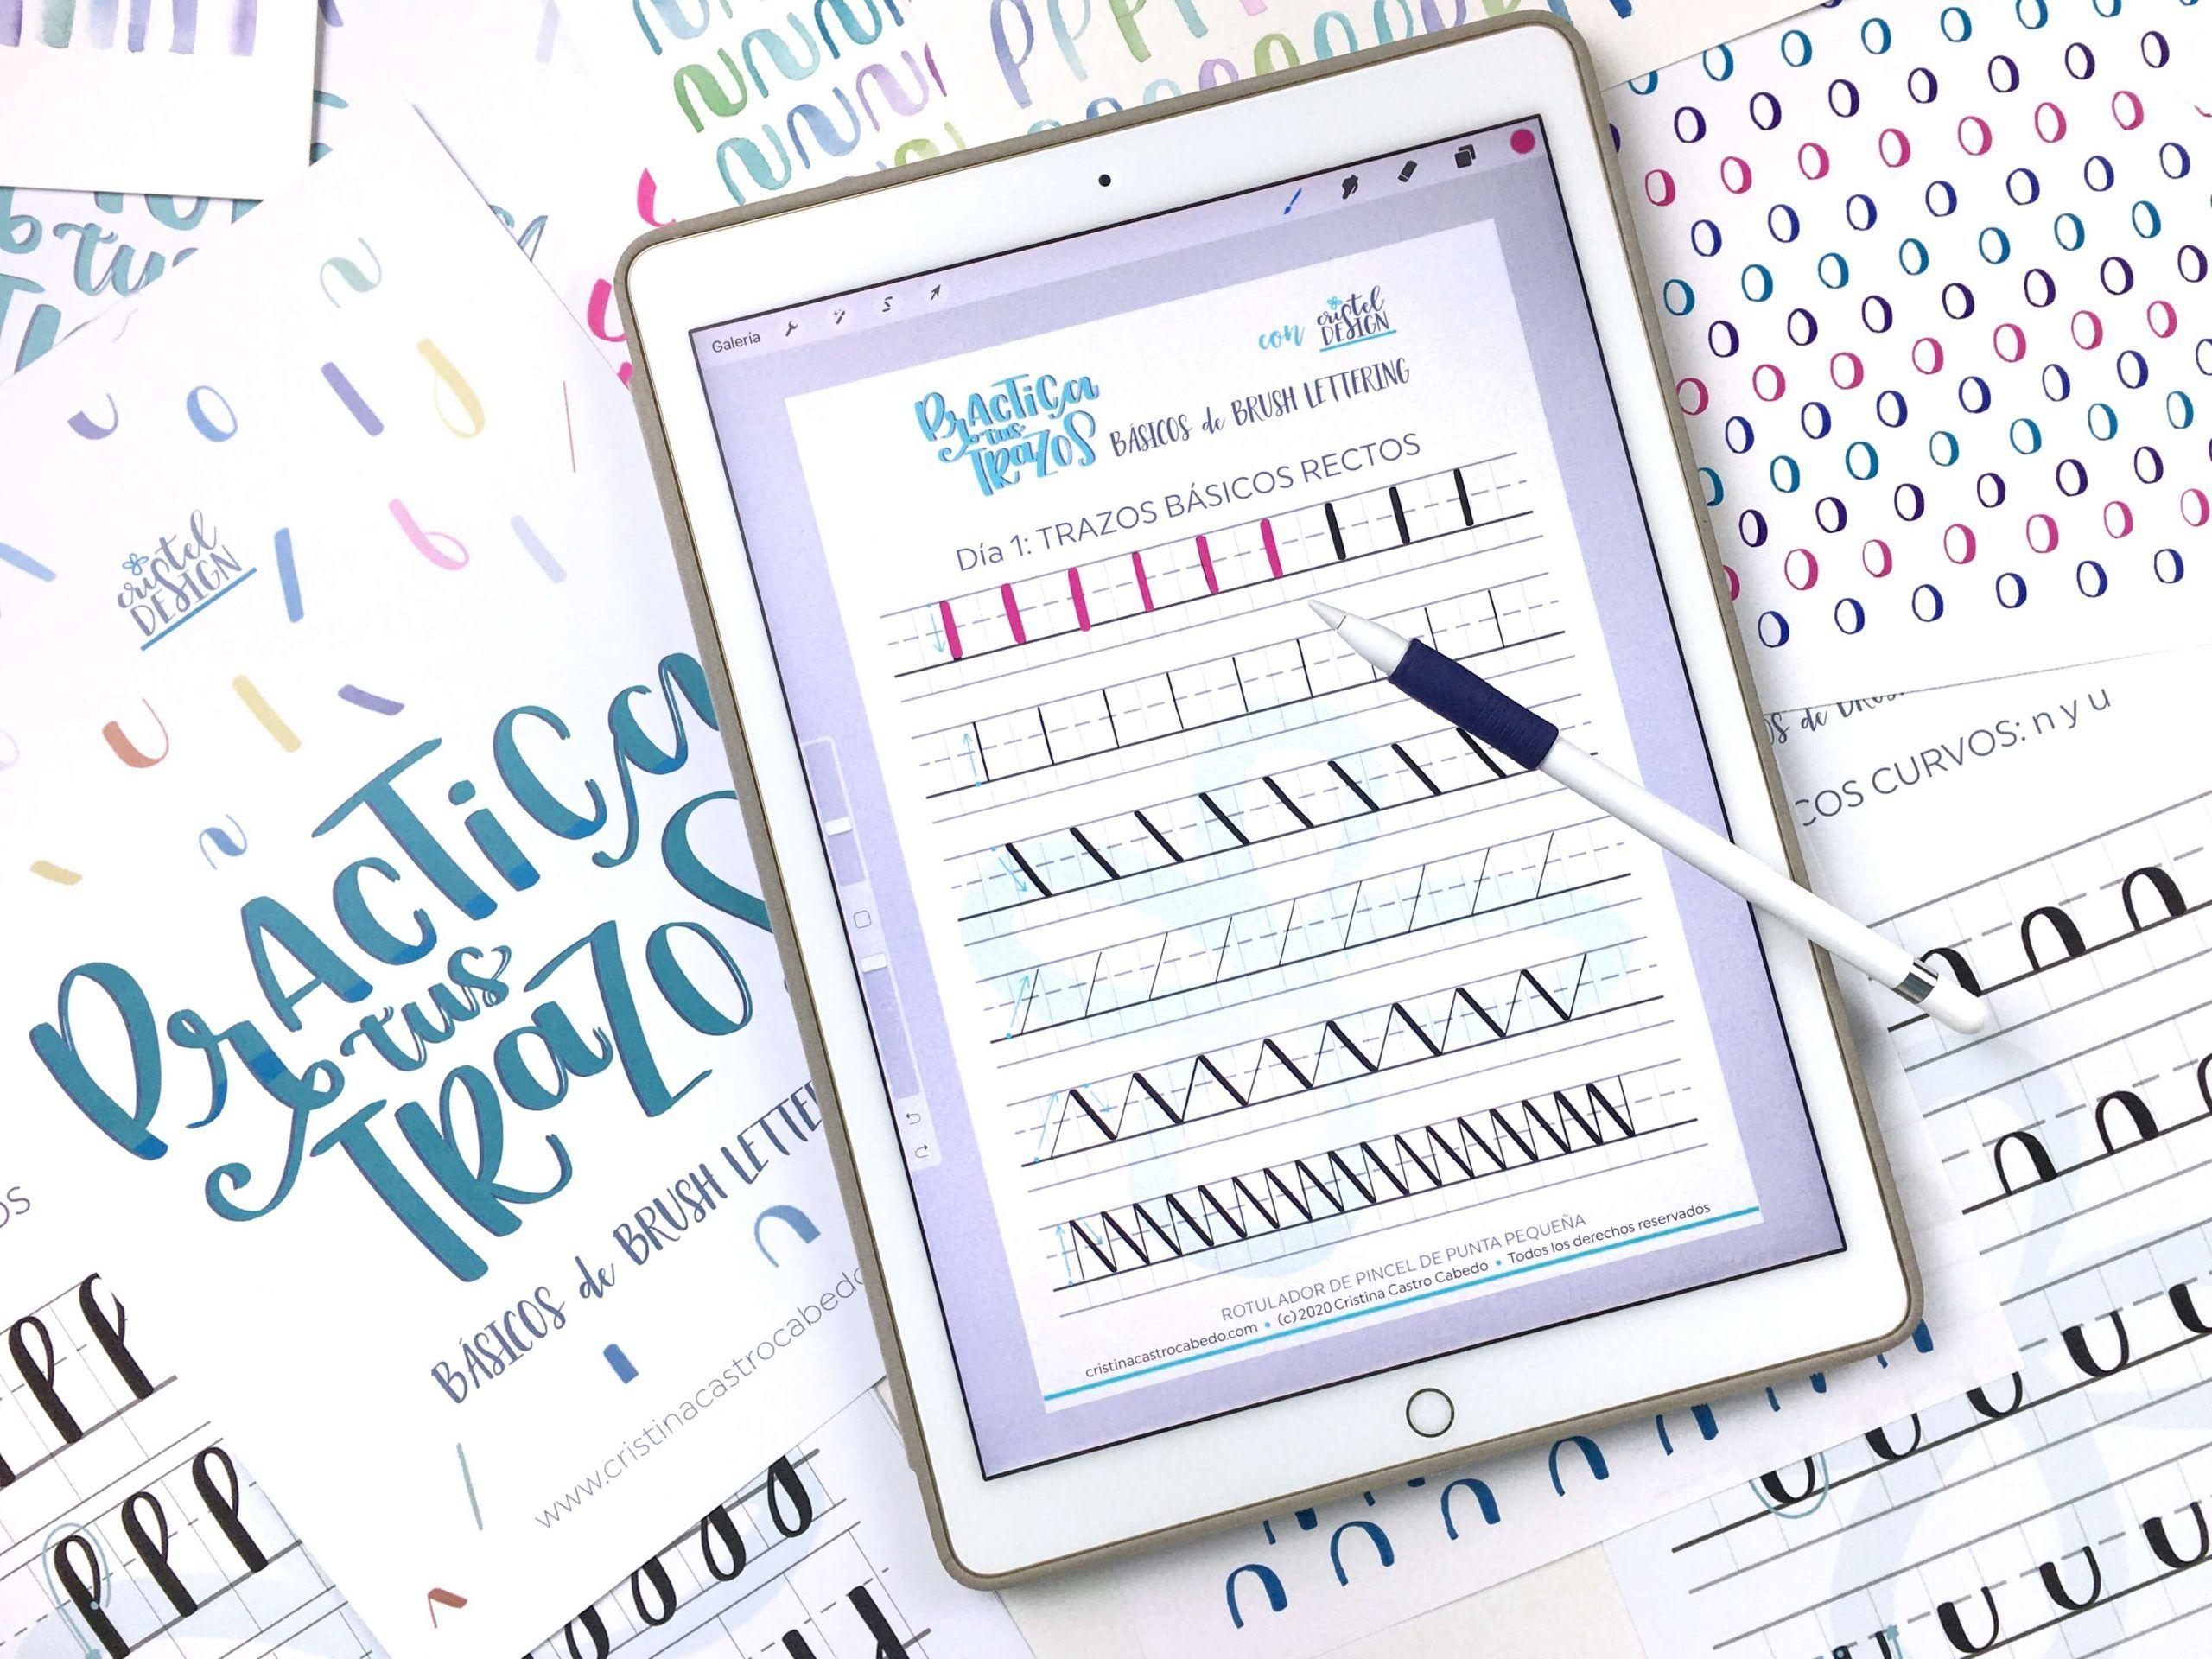 Plantillas en formato de Procreate para practicar brush lettering en el ipad